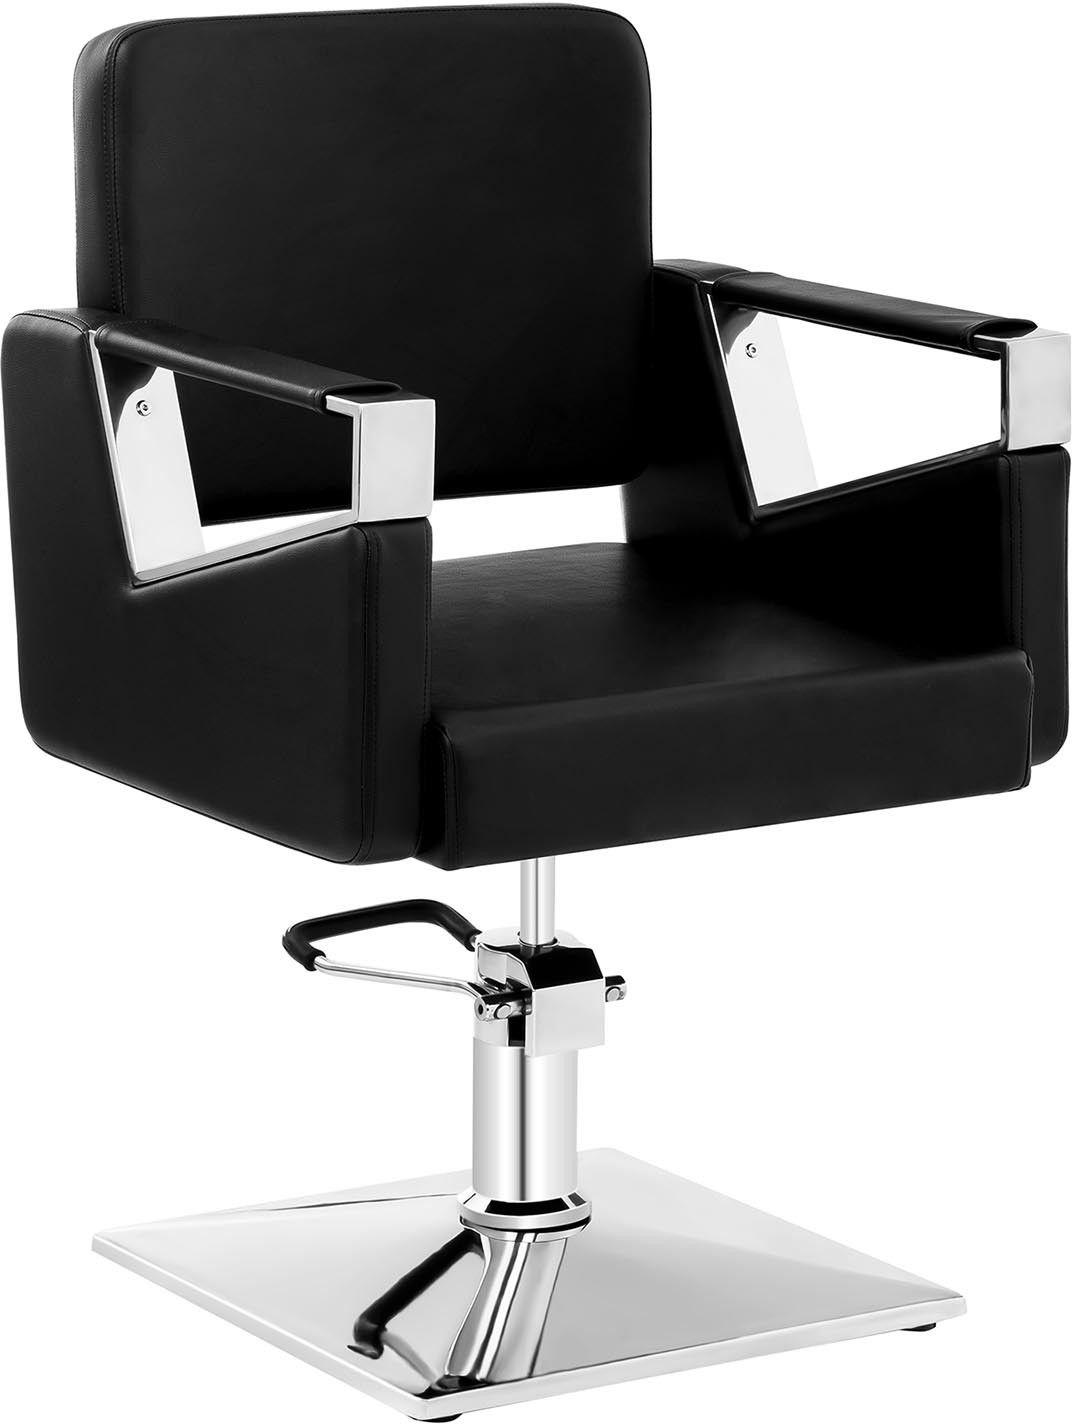 Komplet Fotel fryzjerski Physa Bristol czarny + Podnóżek ze stali nierdzewnej - przykręcany - BRISTOL BLACK SET